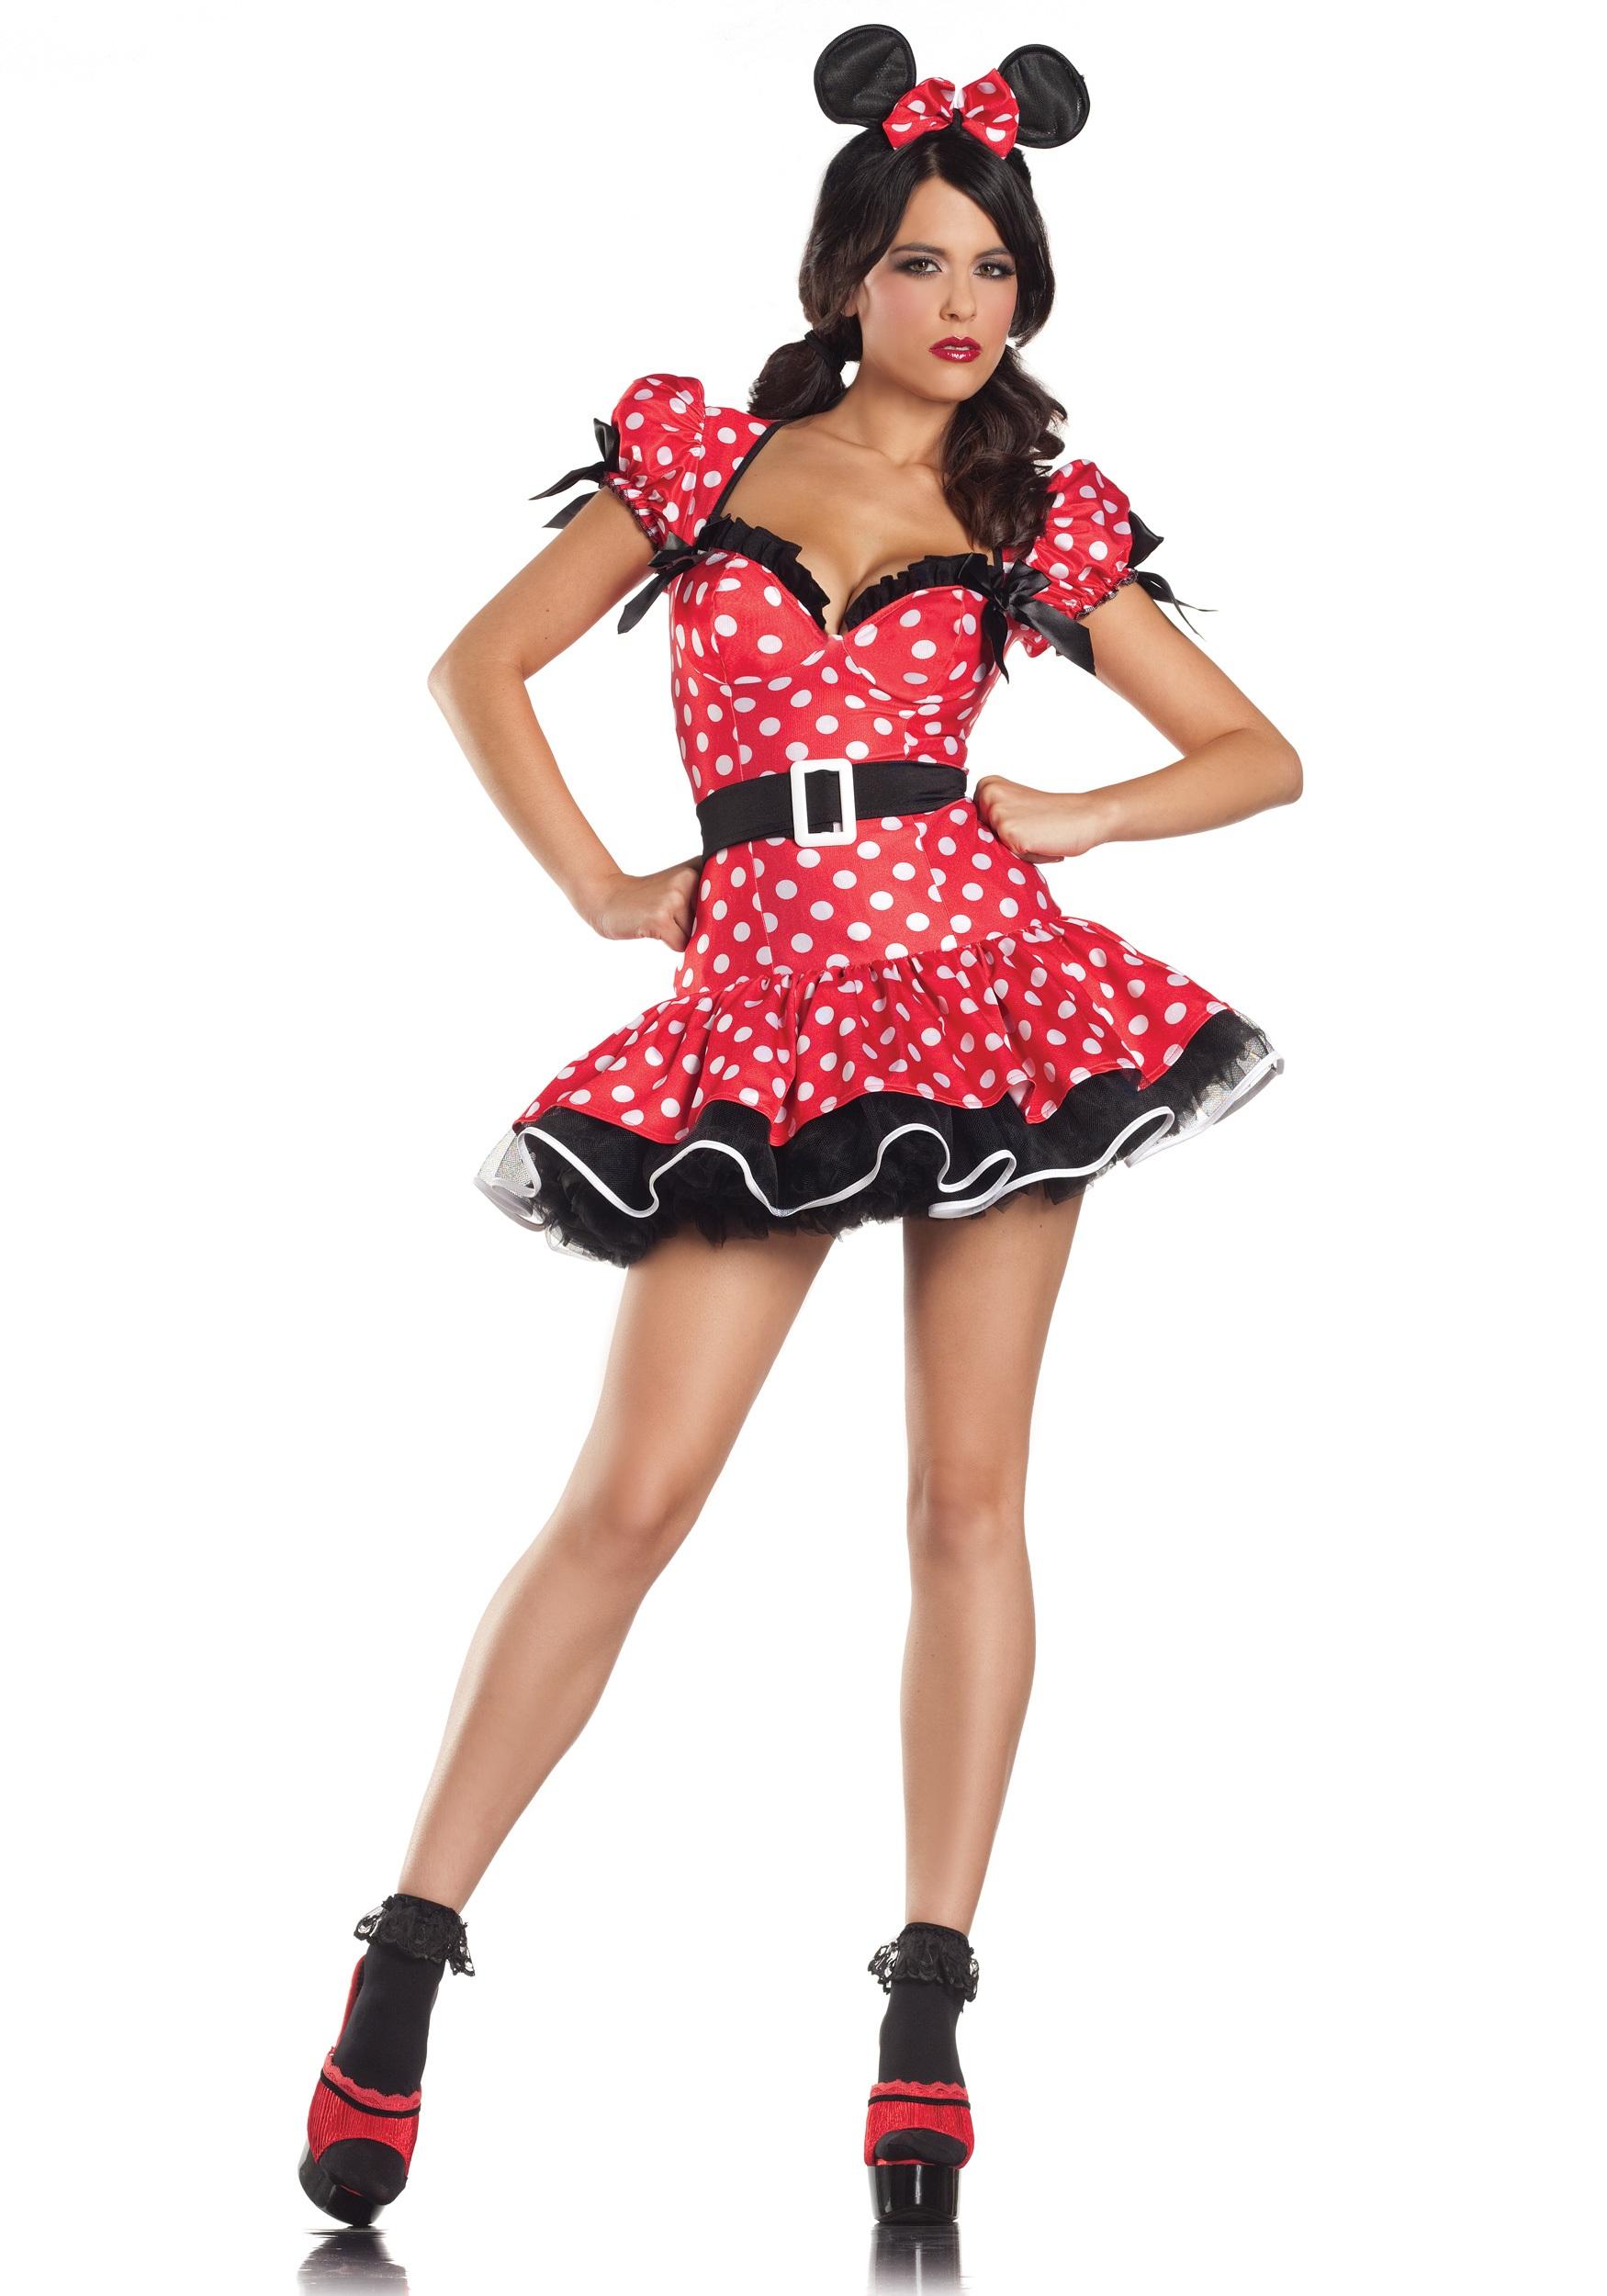 669810d49026d Plus Size Flirty Mouse Costume 1X 2X